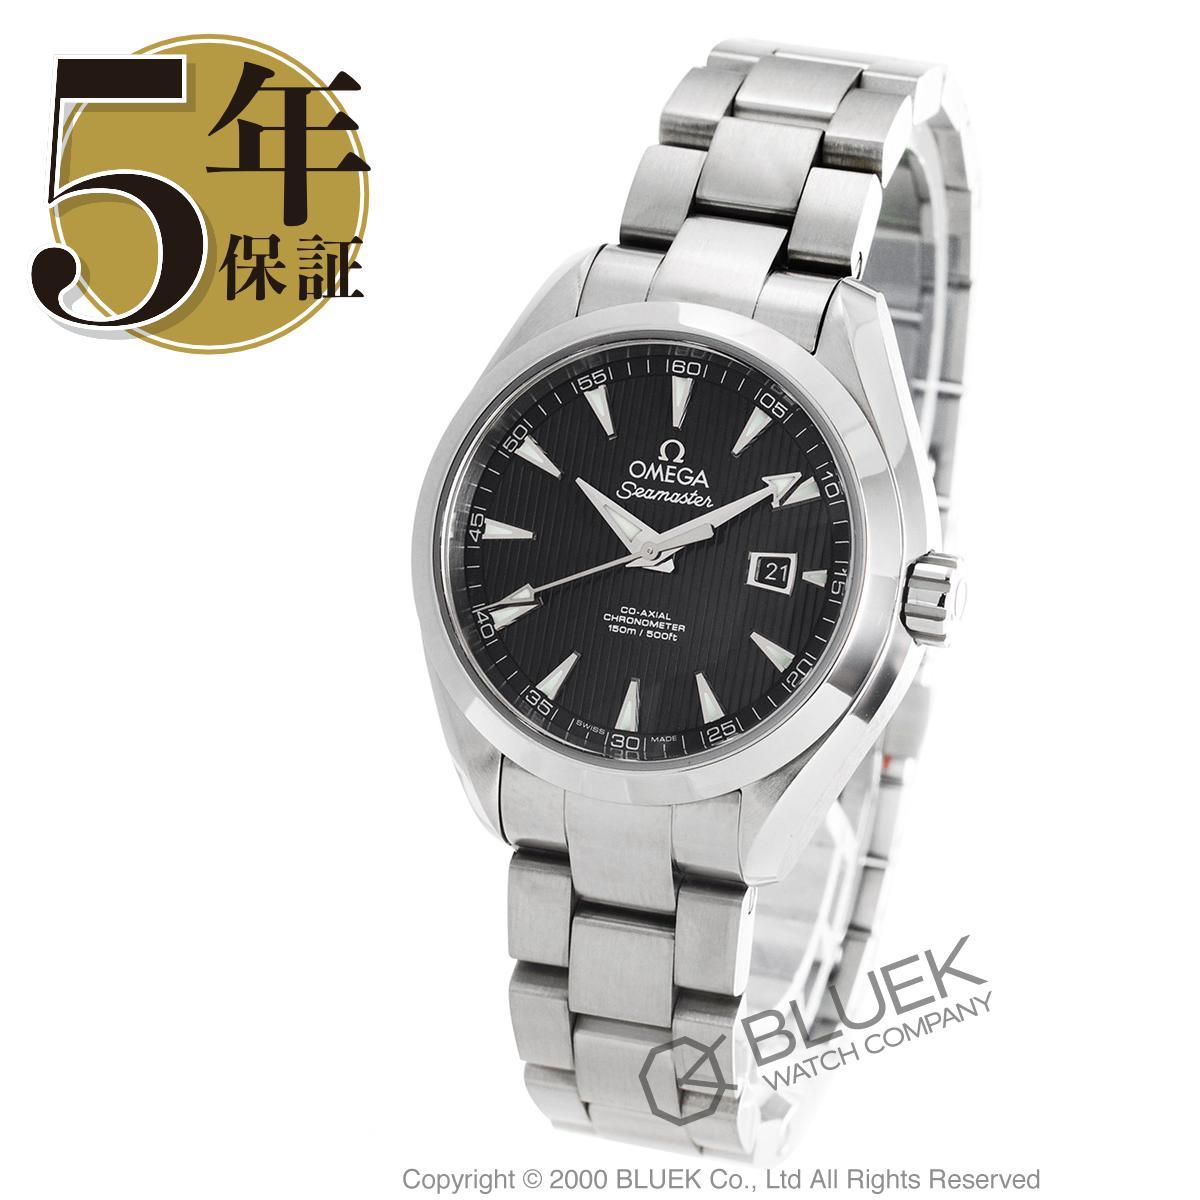 オメガ シーマスター アクアテラ 腕時計 レディース OMEGA 231.10.34.20.01.001_8